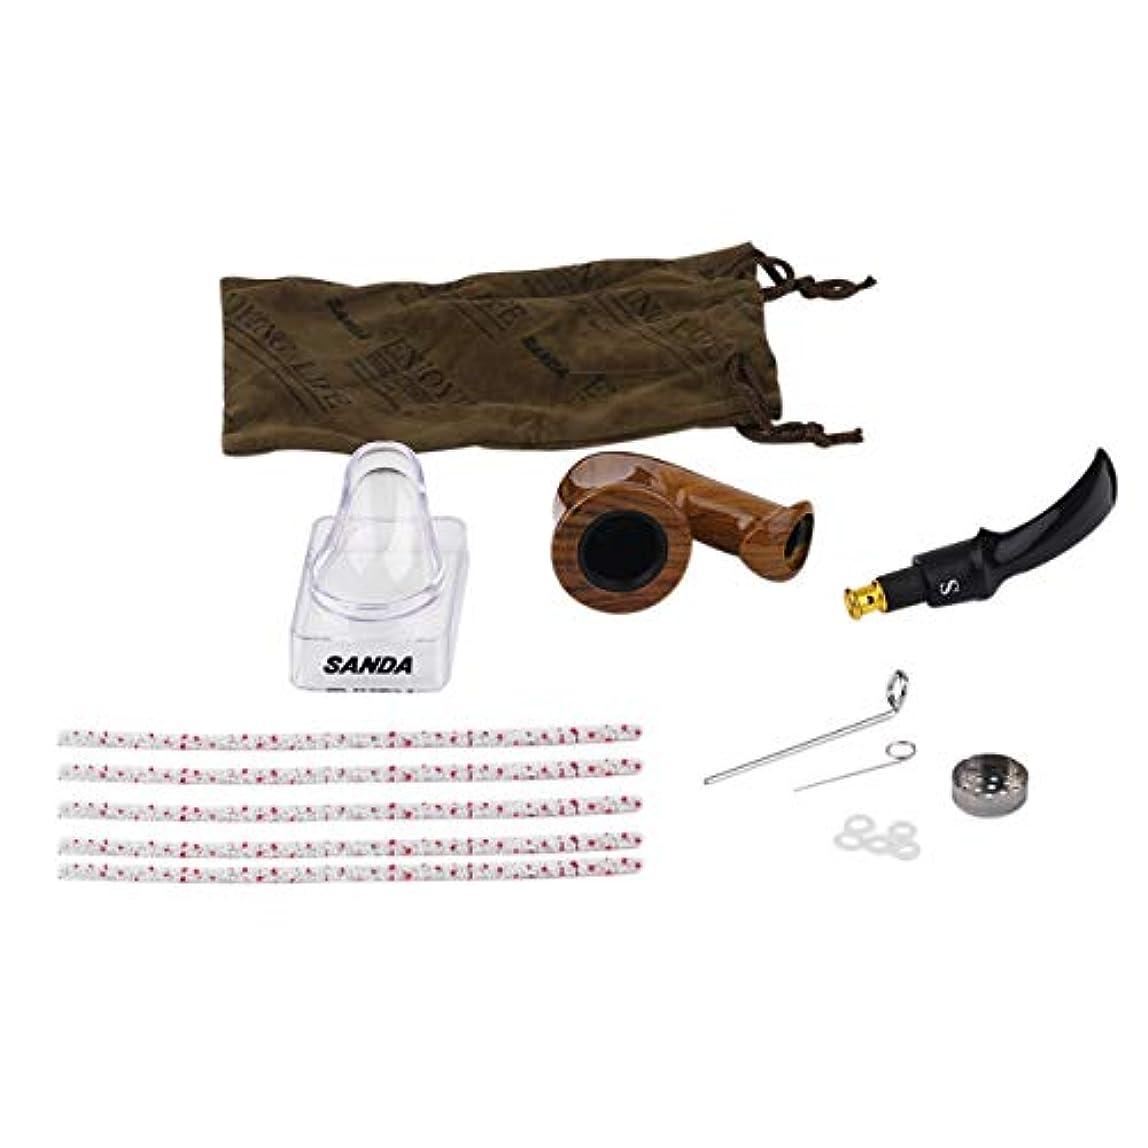 バーベキューローズ義務付けられたSaikogoods 耐久性のある喫煙パイプ木製パイプ煙喫煙木製の喫煙パイプの雑草パイプ男性のための最高の贈り物2色 褐色